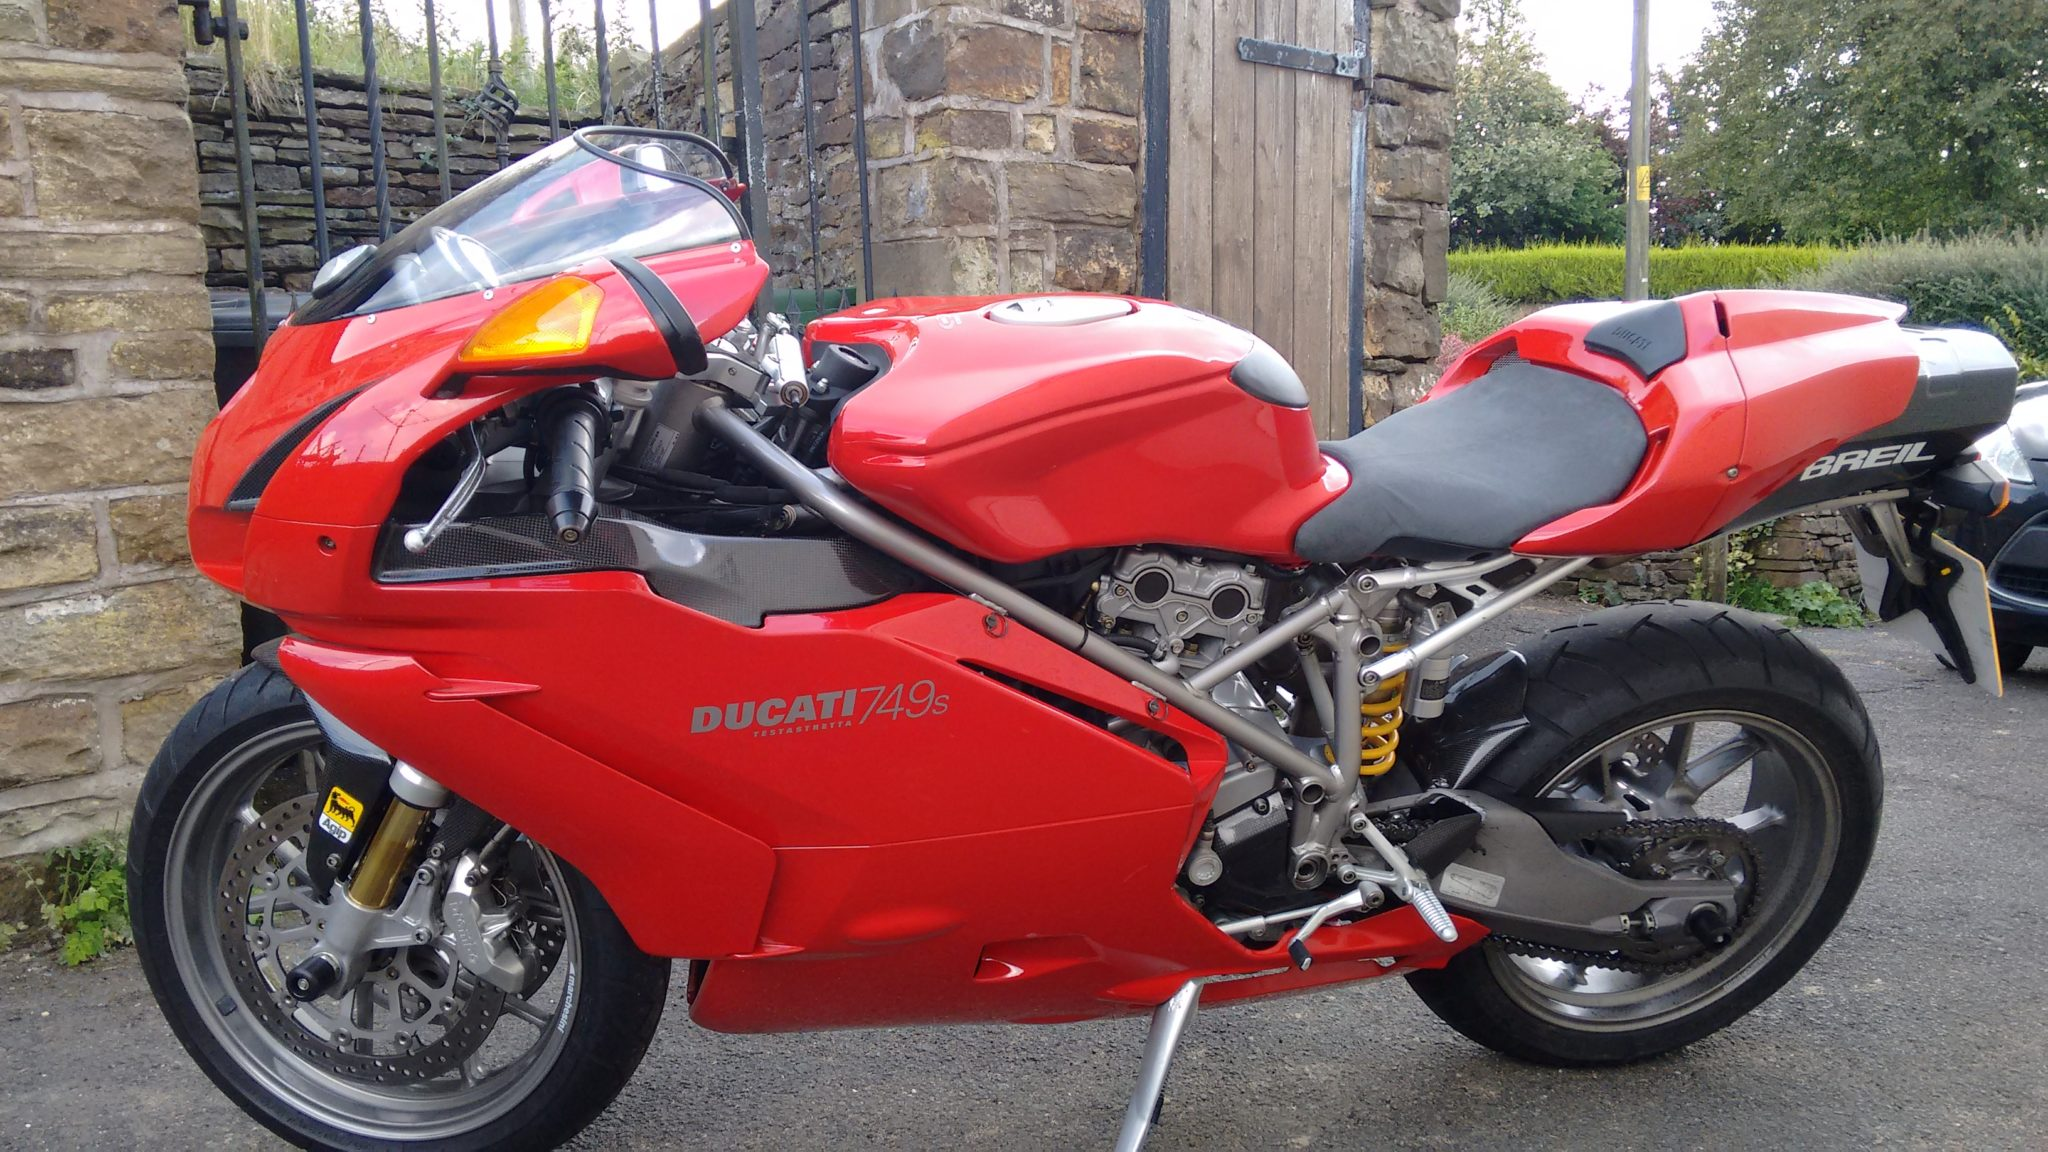 Keith – Ducati 749